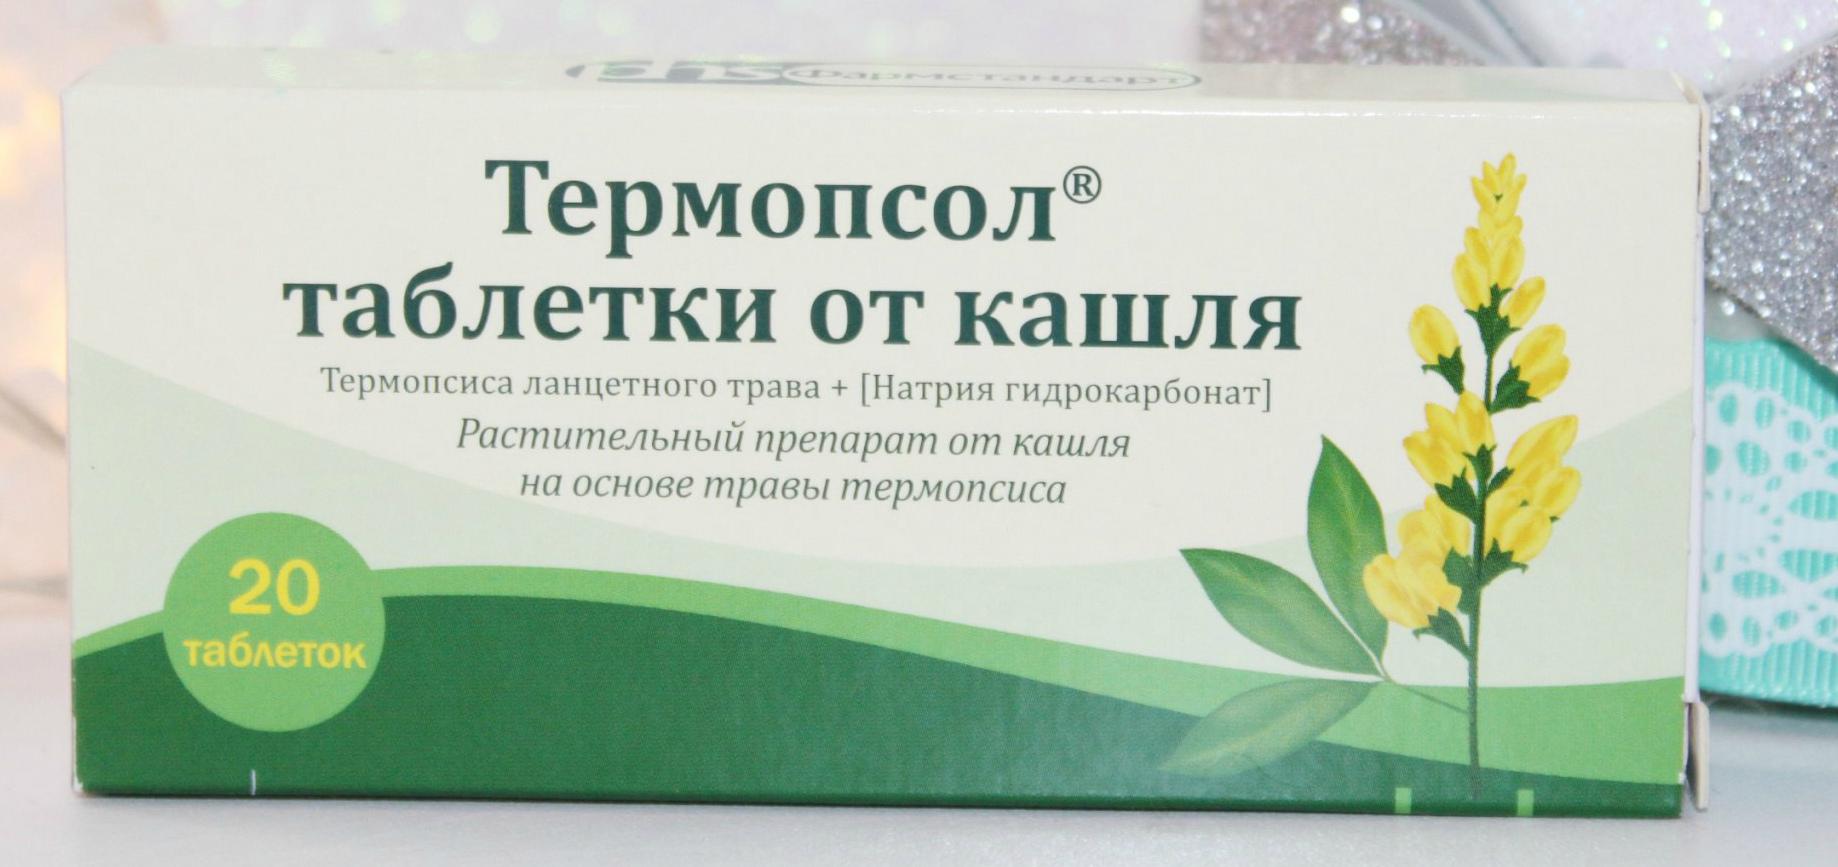 Трава термопсиса препарат